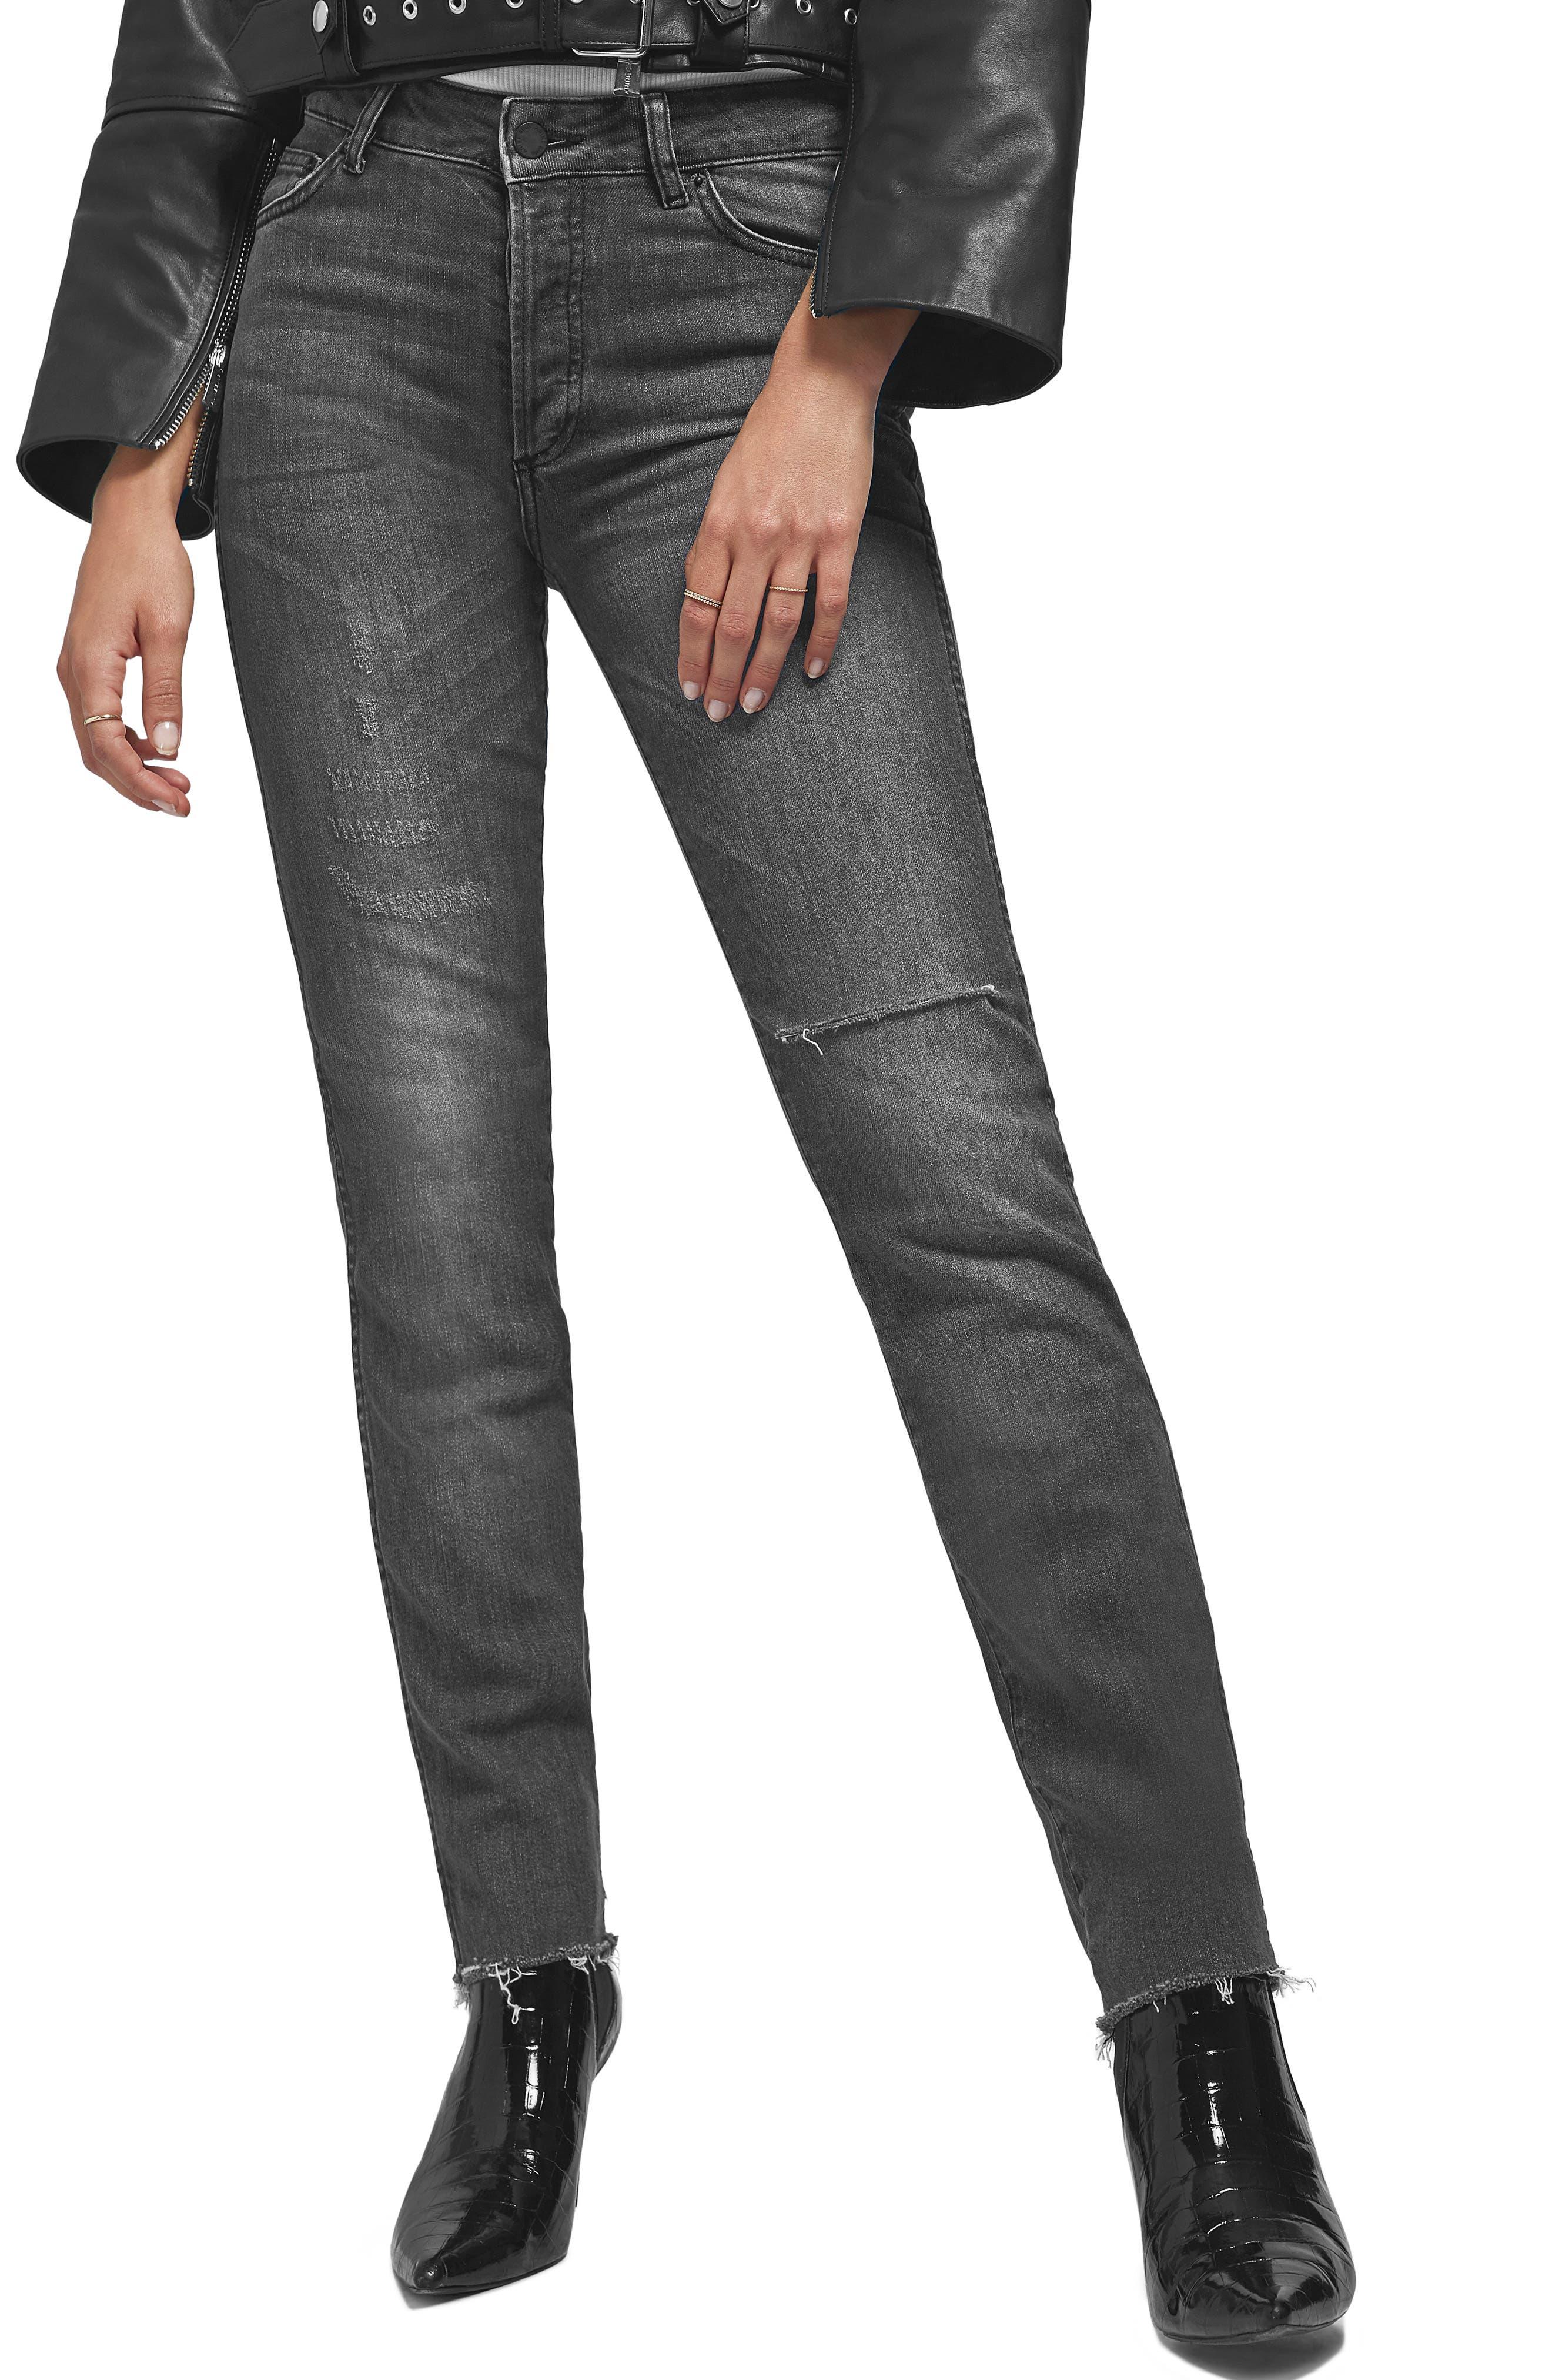 Kara Skinny Jeans,                             Main thumbnail 1, color,                             CHARCOAL